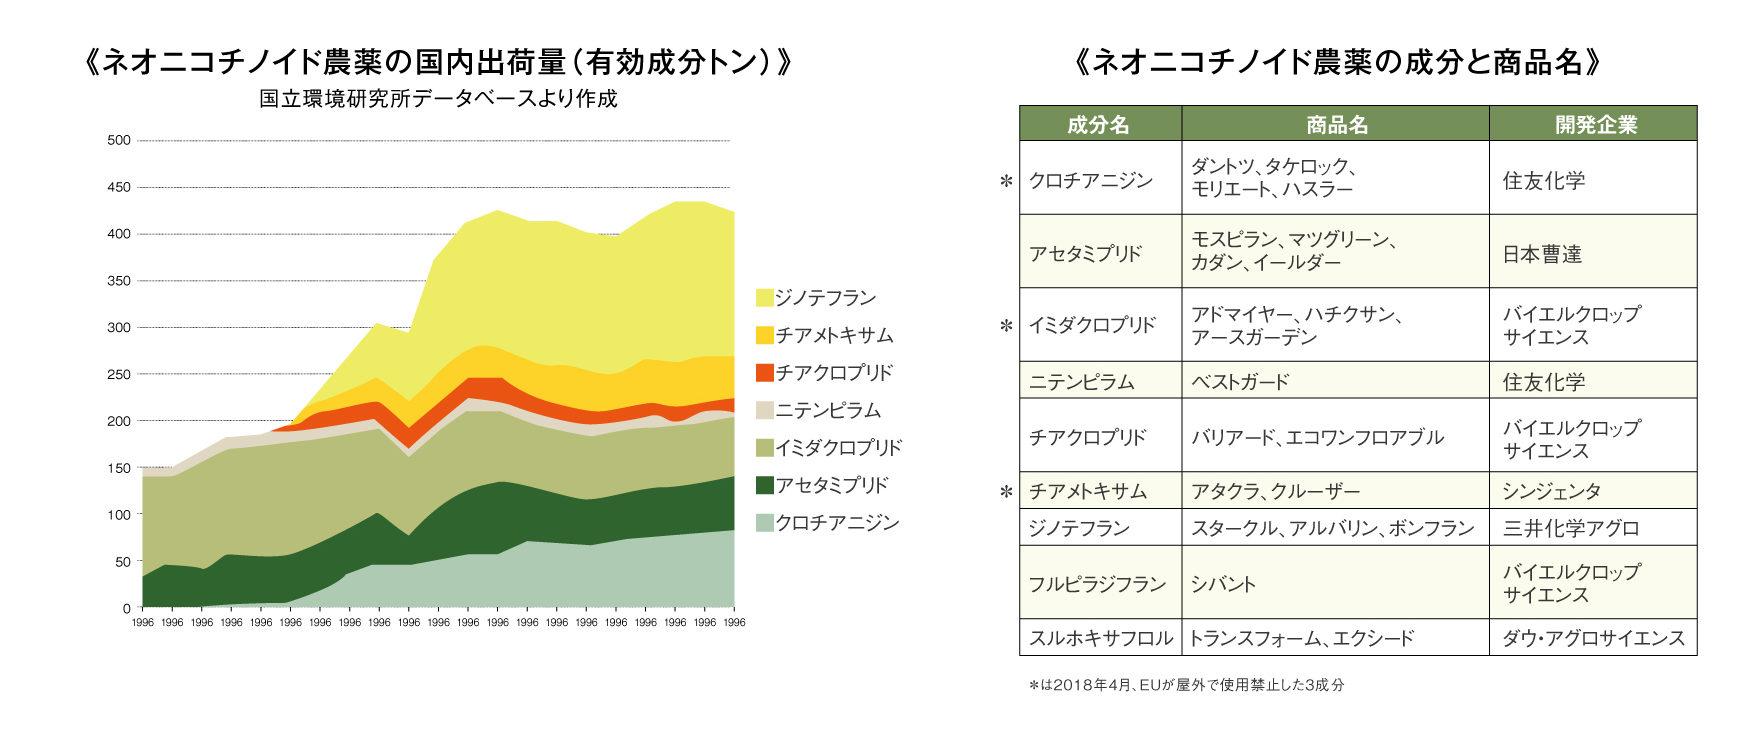 ネオニコチノイド国内出荷量のグラフ